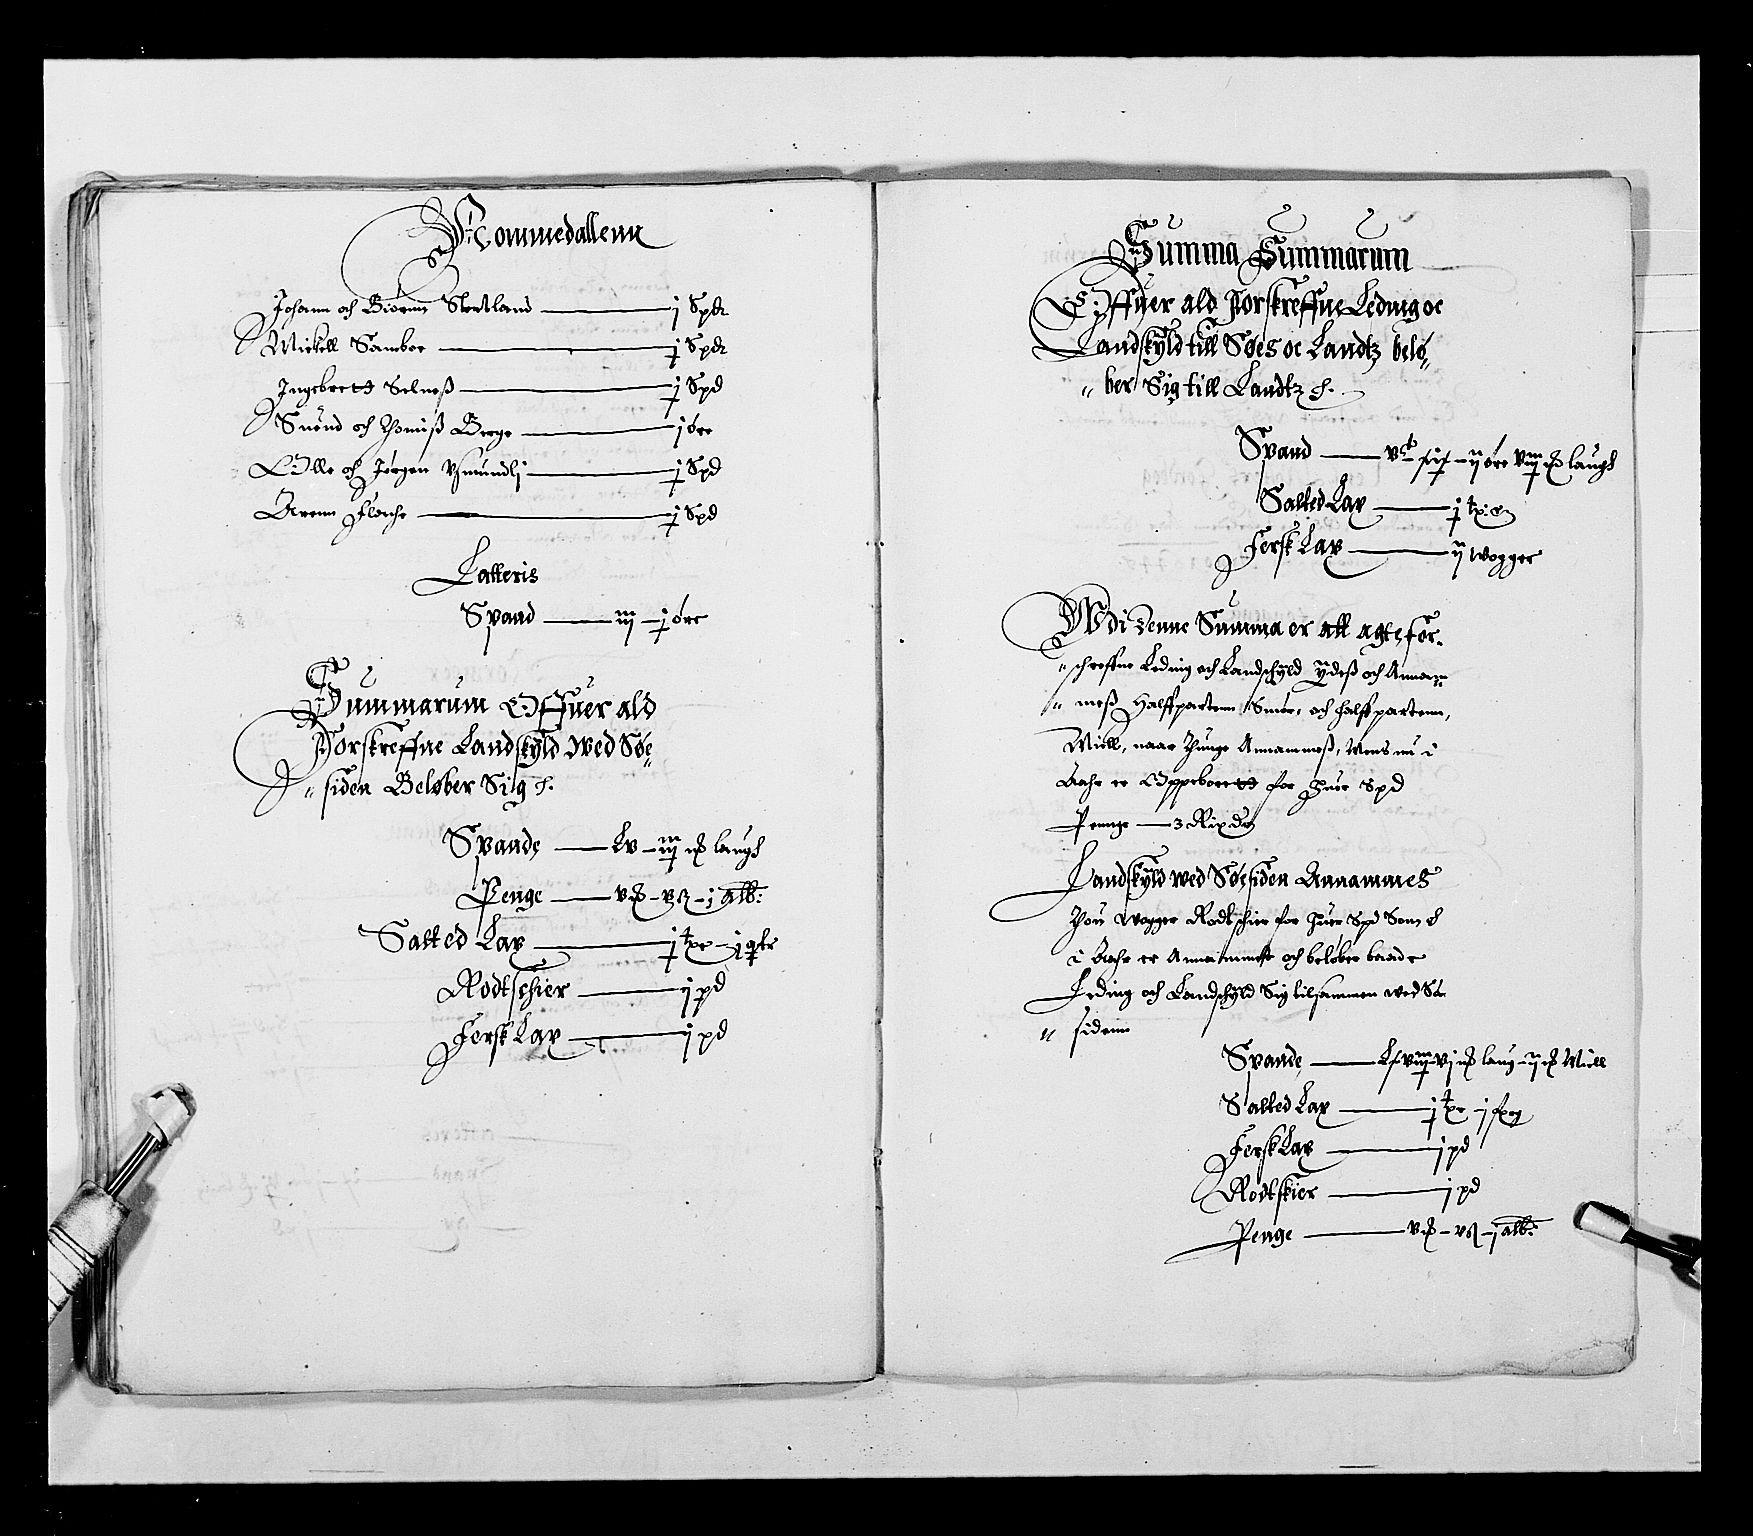 RA, Stattholderembetet 1572-1771, Ek/L0027: Jordebøker 1633-1658:, 1644-1645, s. 30